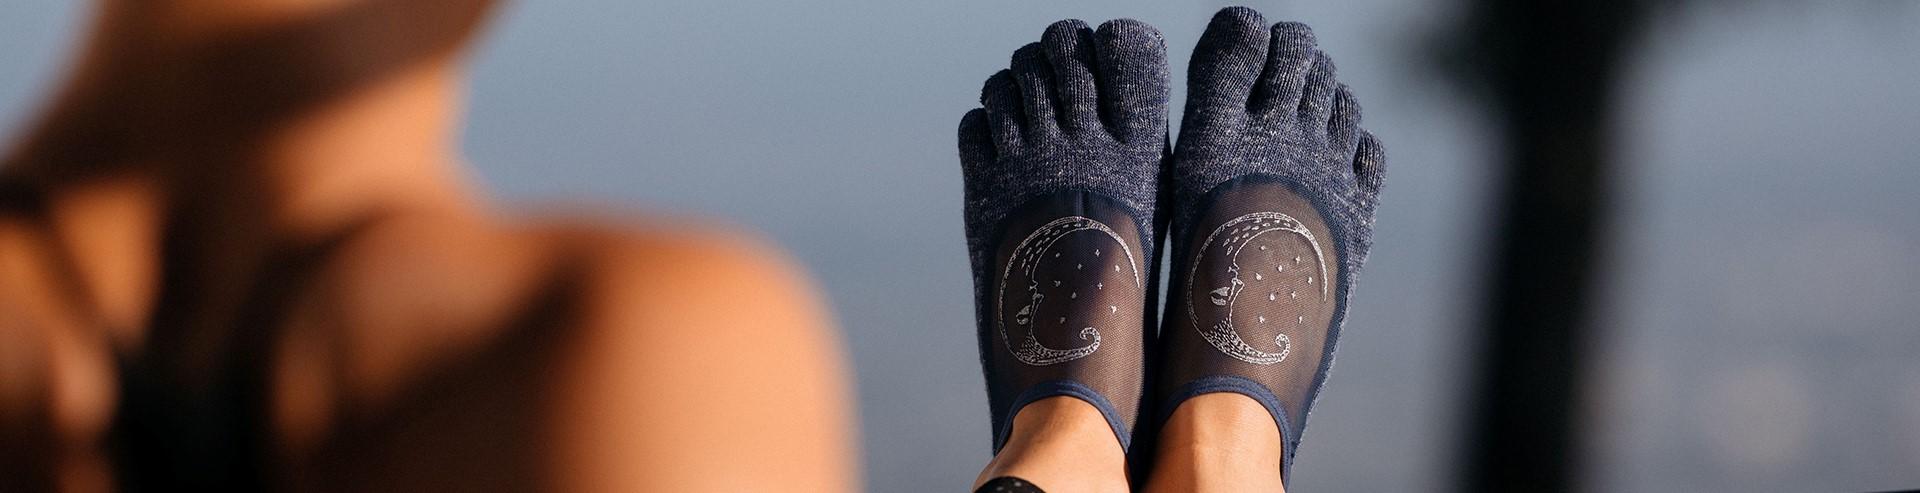 grip-socks